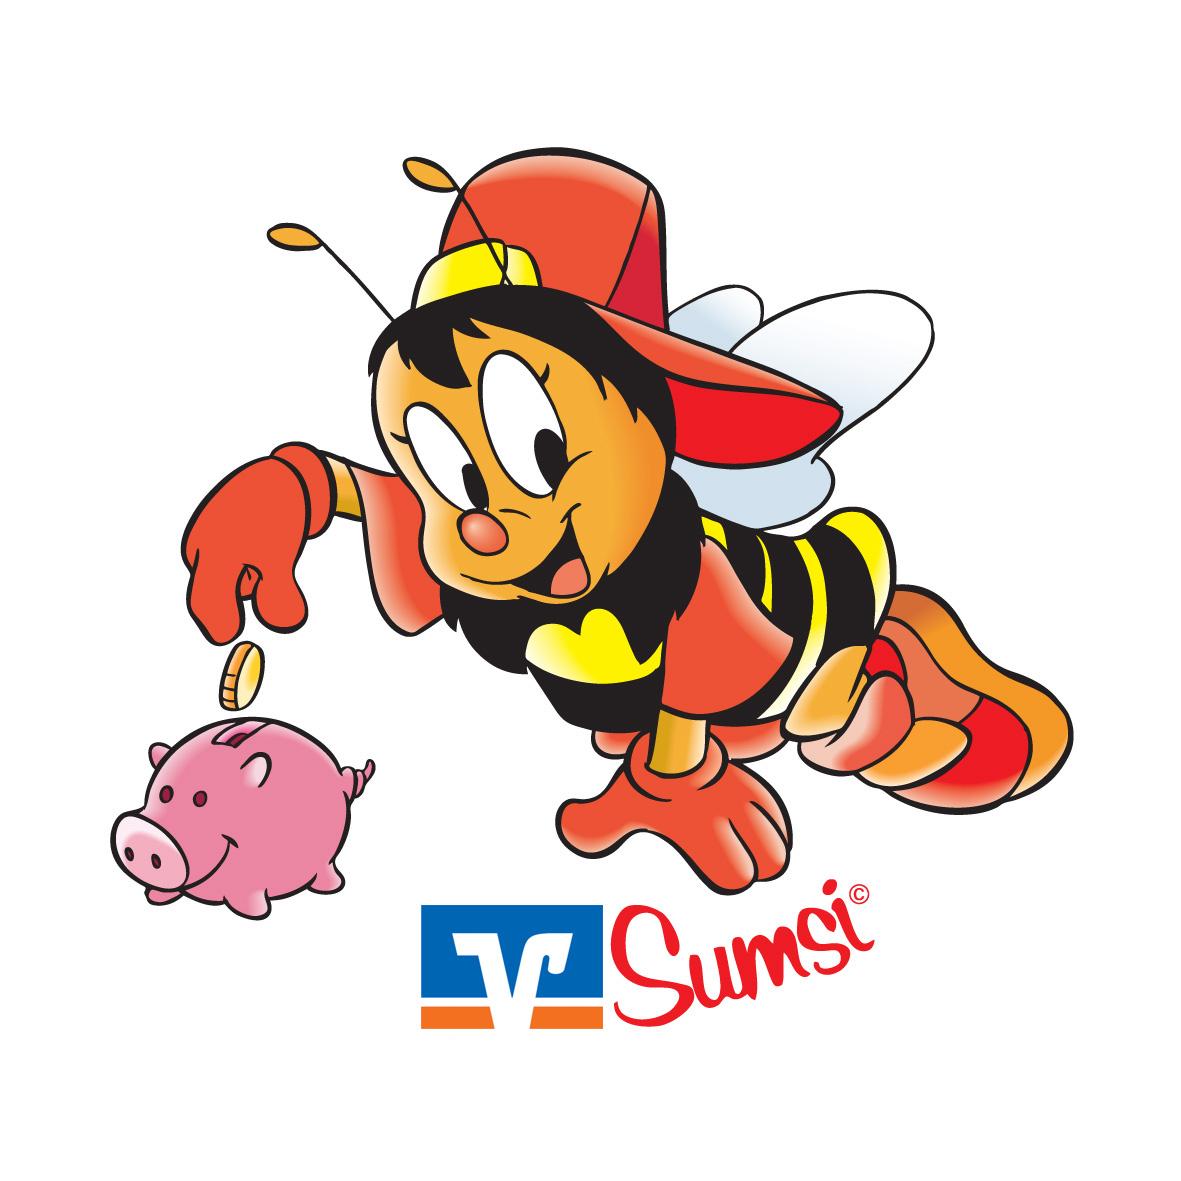 Sumsi-Bienen-Alarm In Main-Spessart